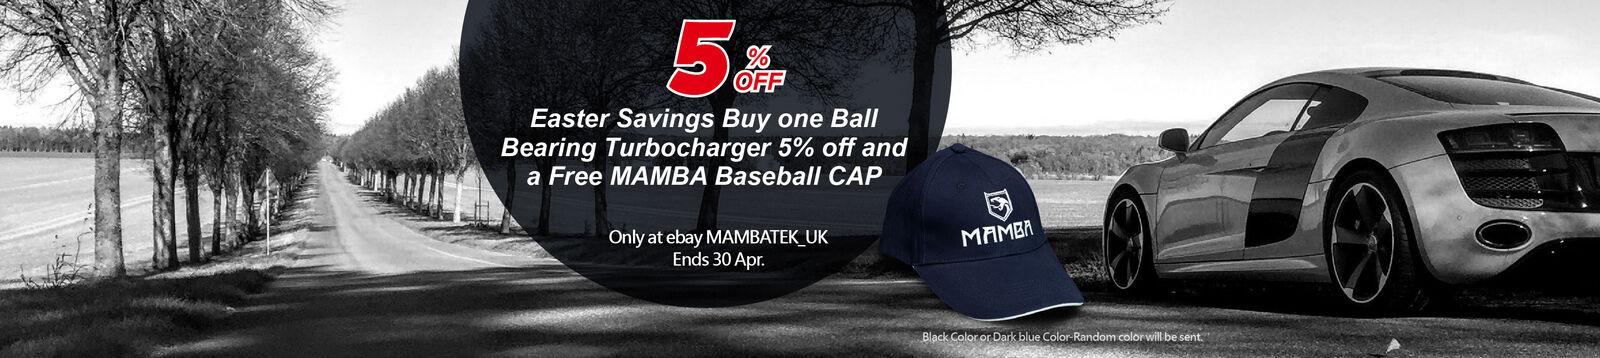 MAMBATEK_UK